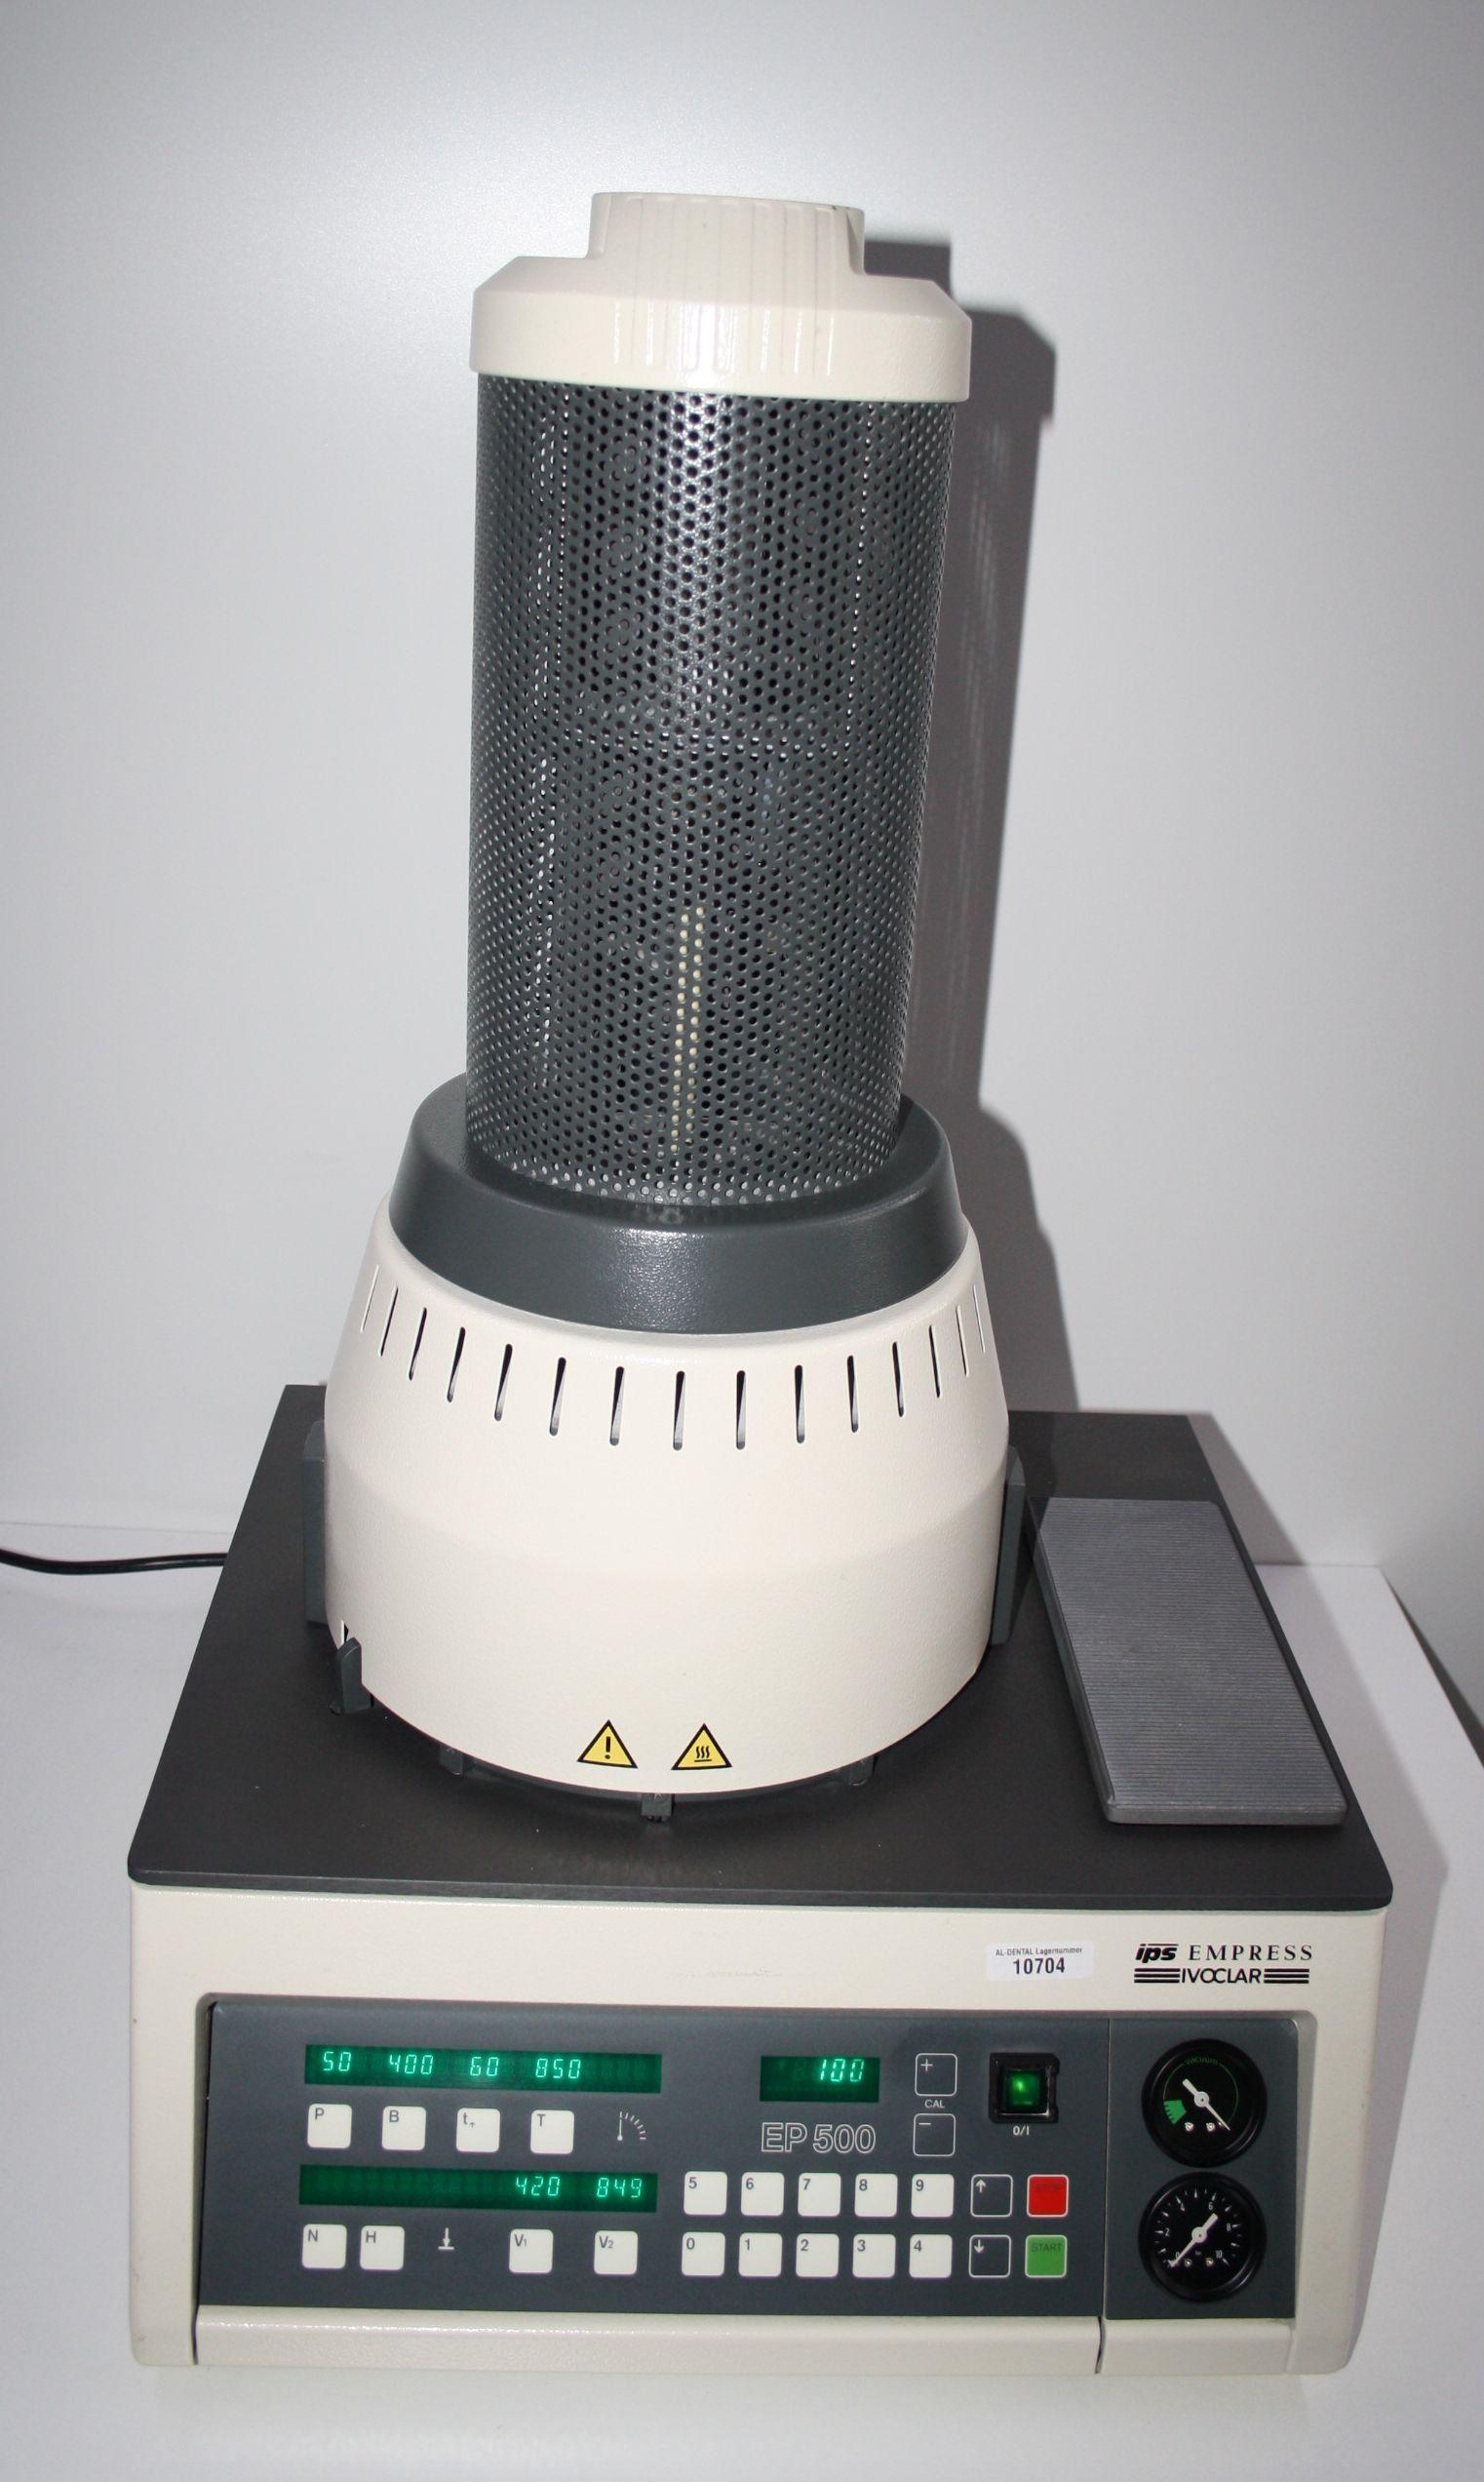 IVOCLAR ips Empress Keramikpressofen EP 500 Typ PR2 # 10704